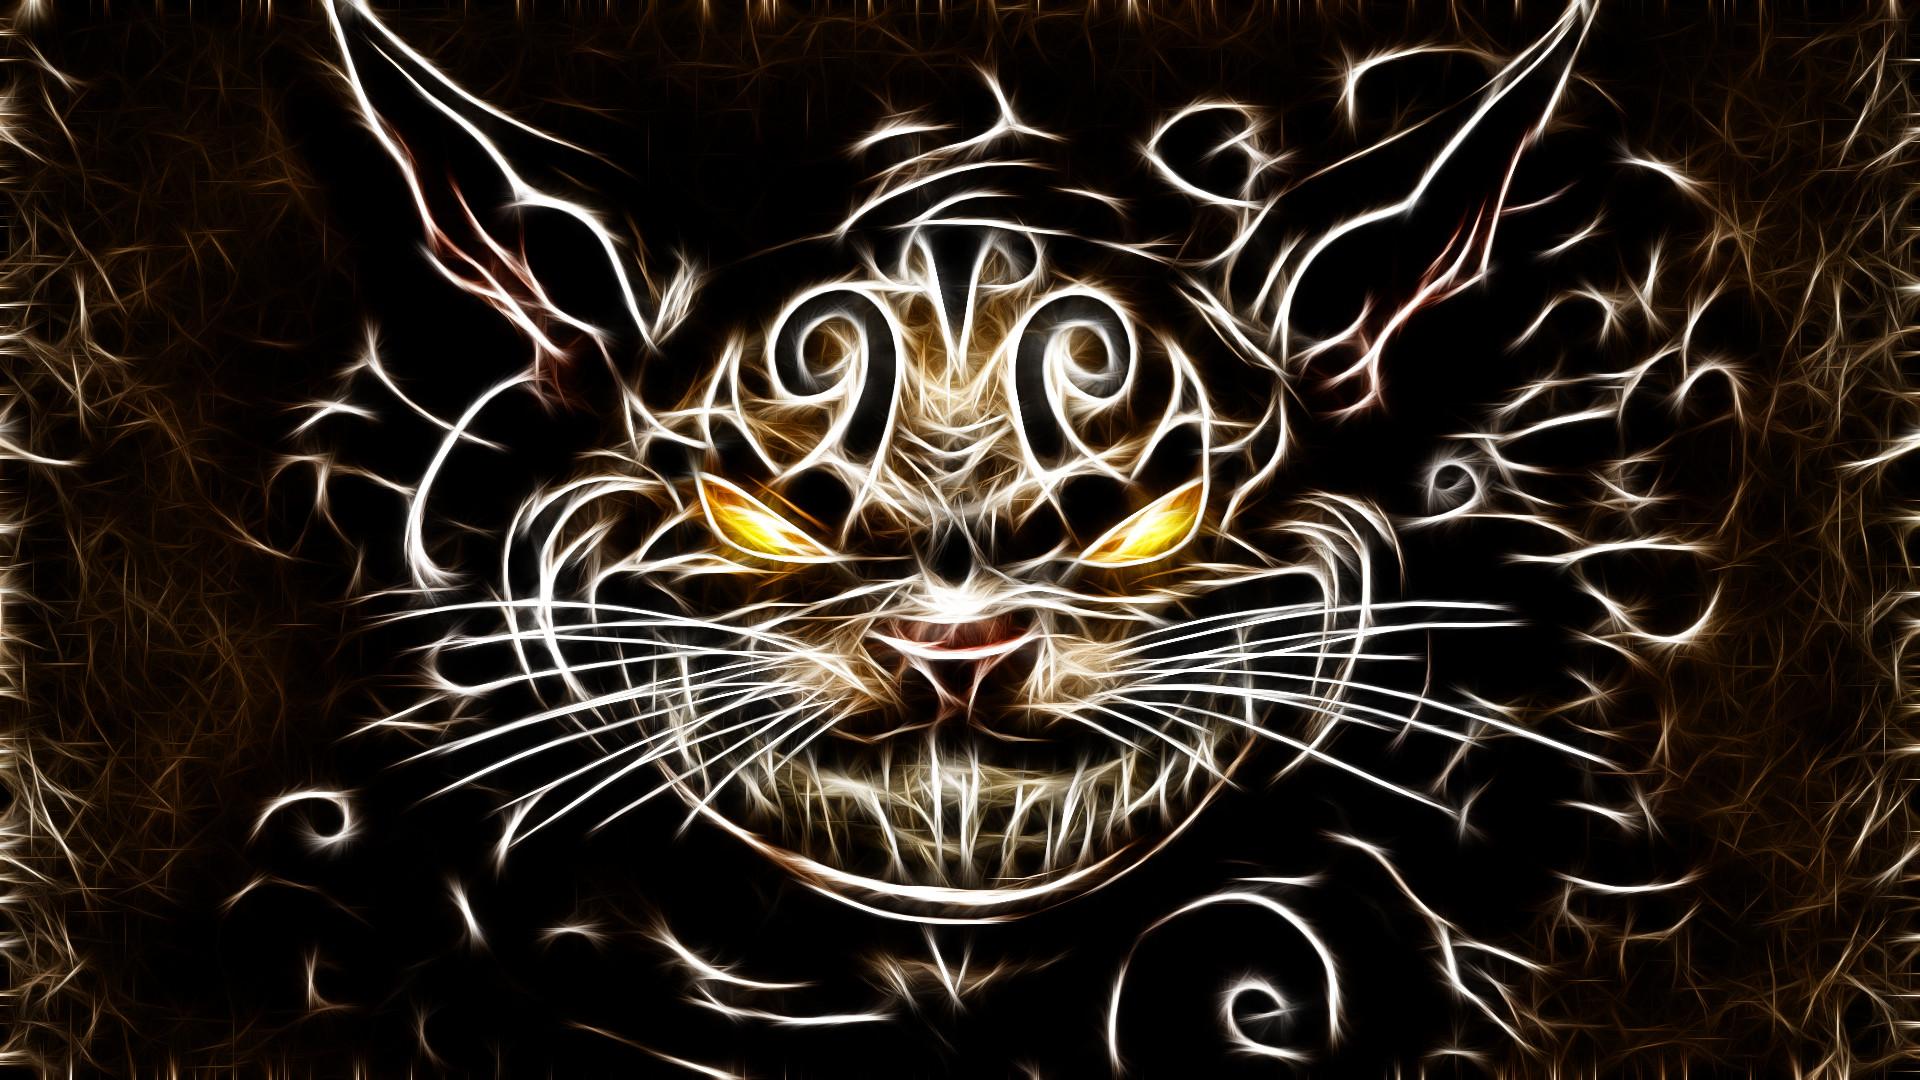 Cheshire Cat Wikia